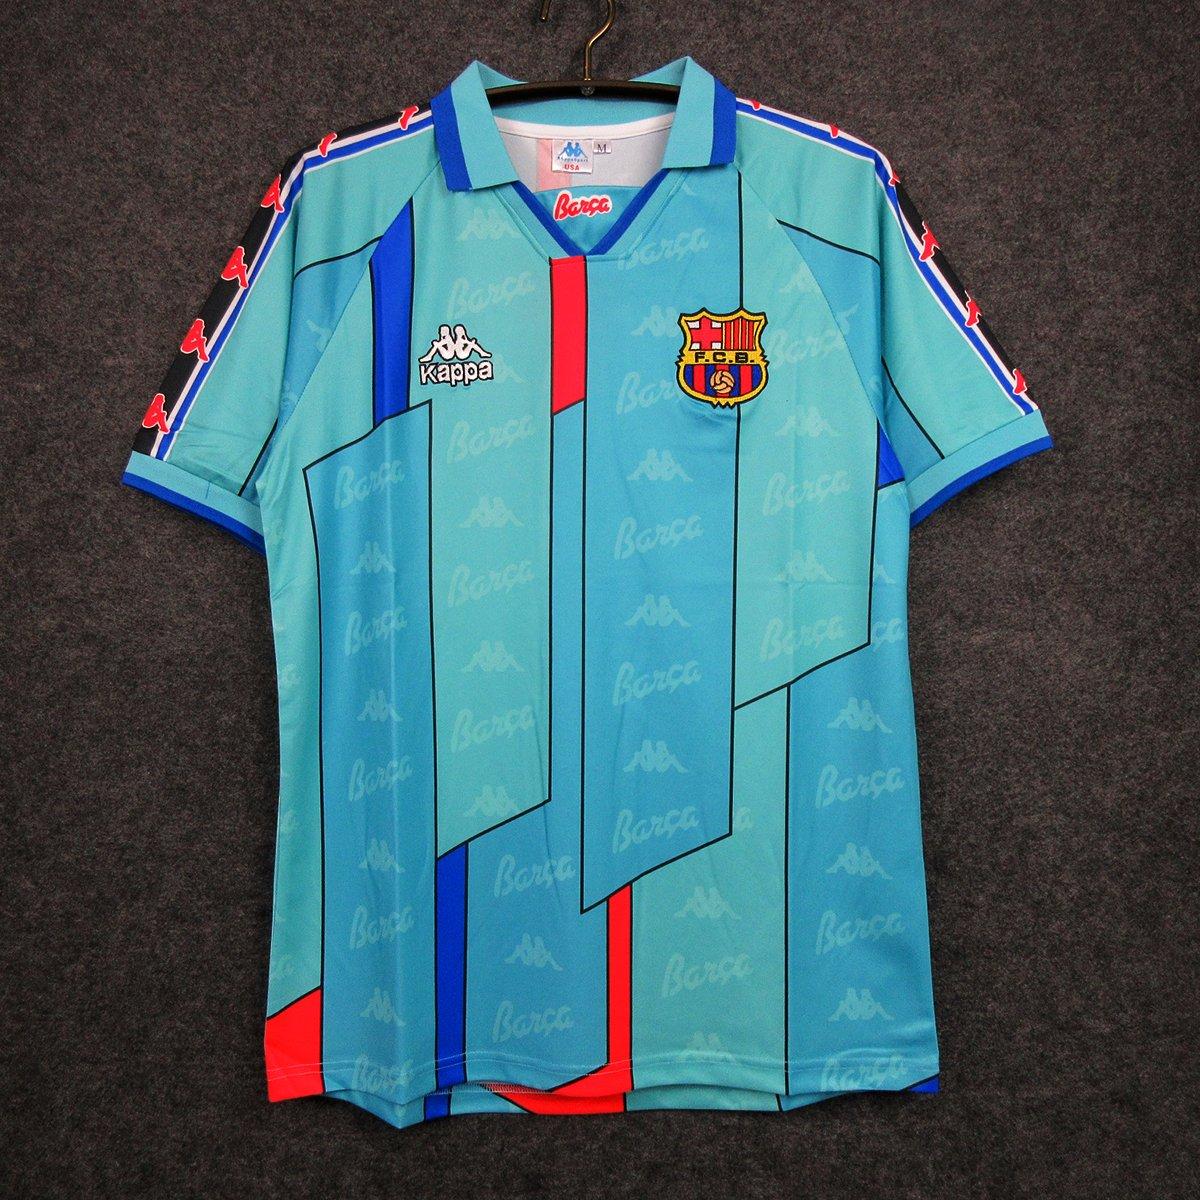 Essa camisa do Barcelona de 1996 é muito linda, minha amigo! 😍 💰 R$159,90 (em até 12x) ⚠️ Frete e personalização grátis 👕 Tamanhos: P, M, G, GG e GGG 🚚 Enviamos código de rastreio 10% DE DESCONTO (via boleto) Acesse: futmais.store/camisa-barcelo…